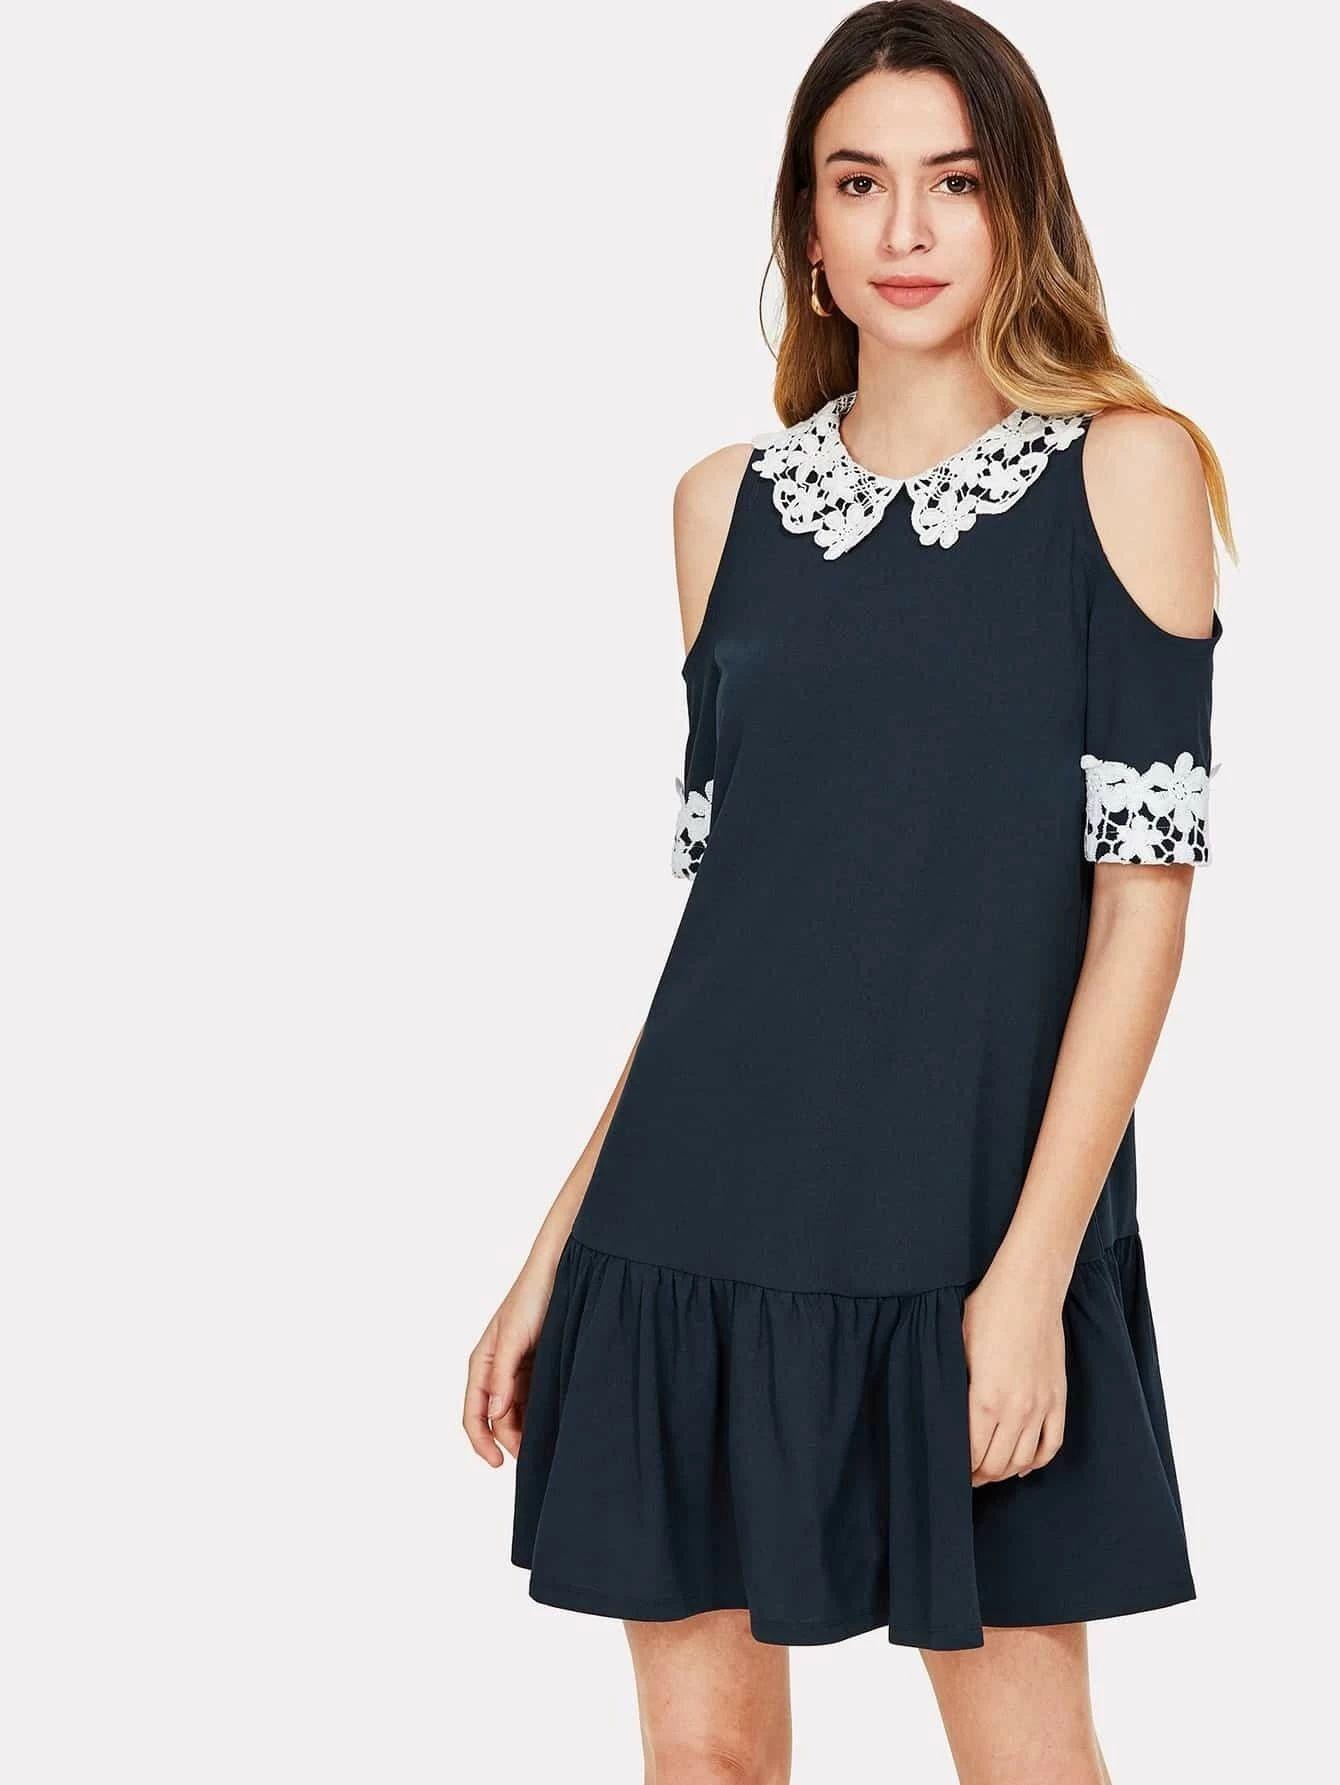 SHEIN Lace Applique Cold Shoulder Drop Waist Dress